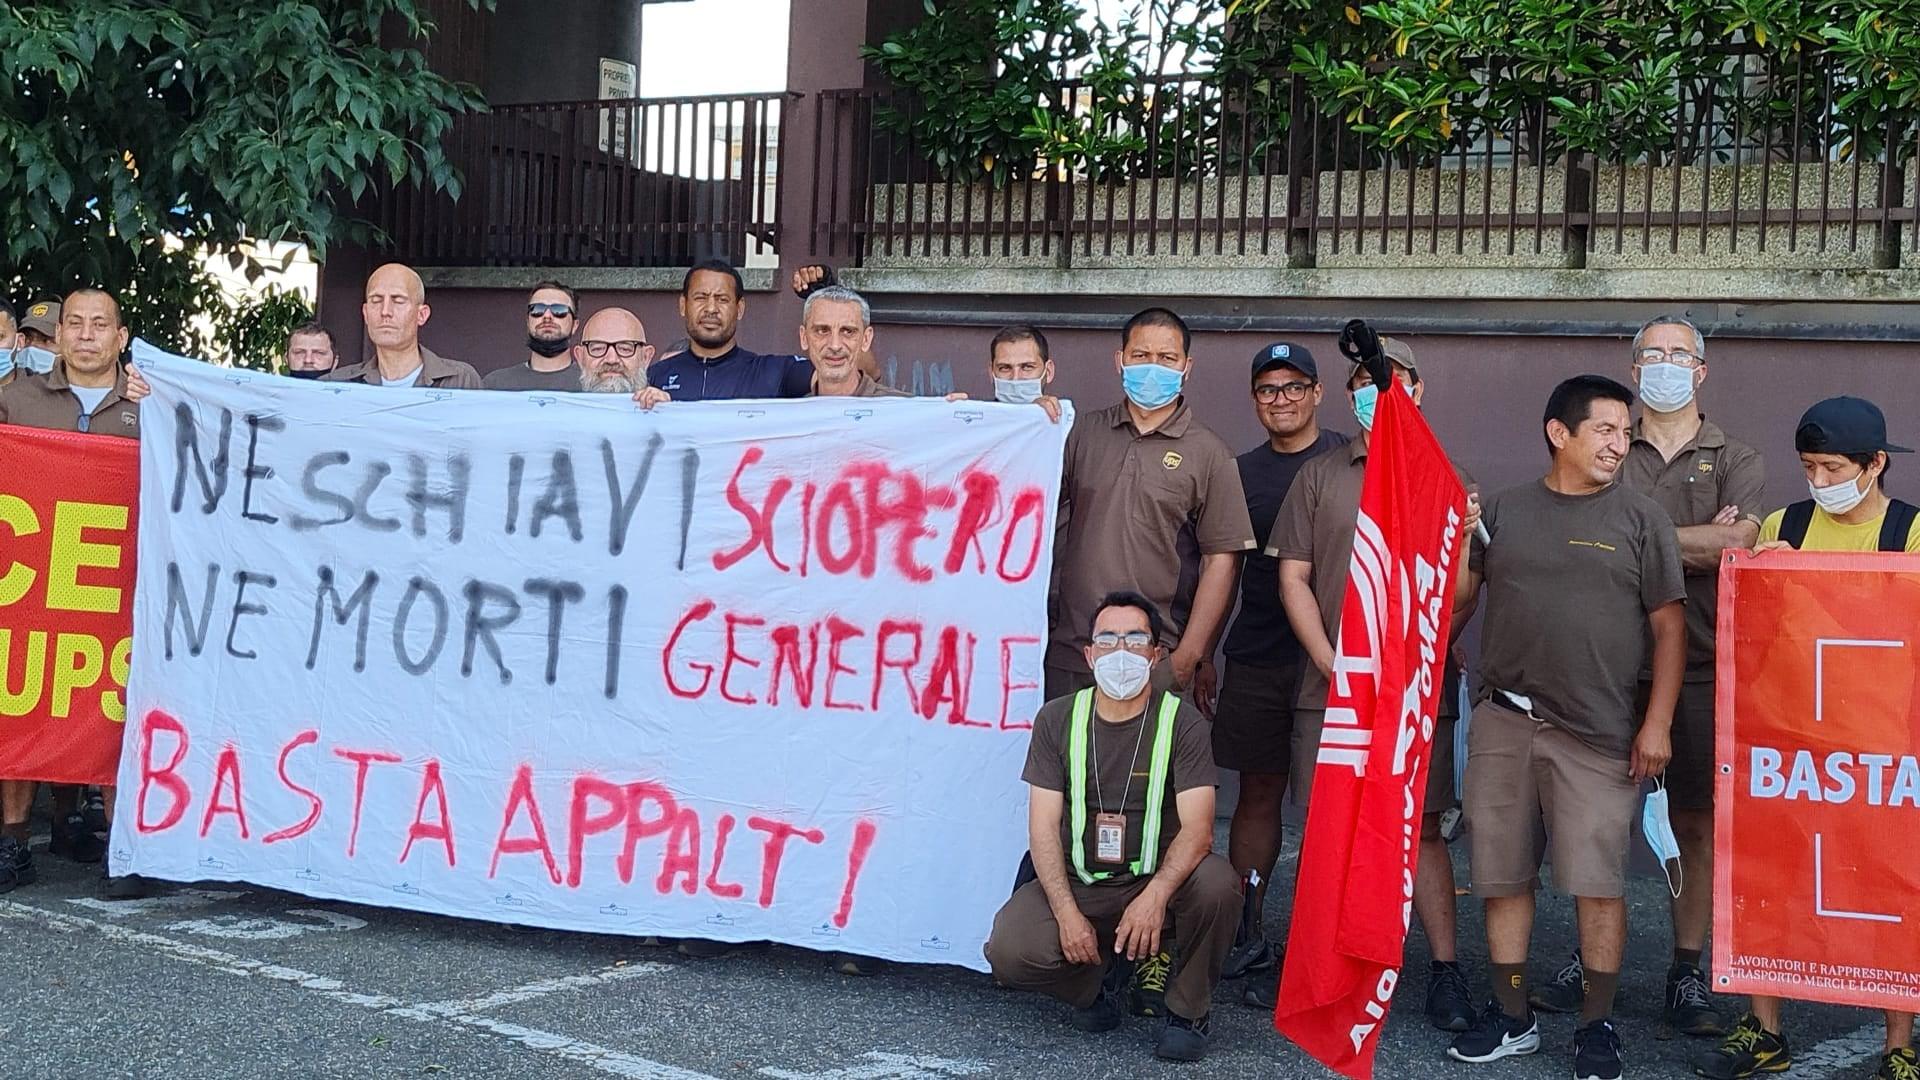 Solidarietà operaia con Adil: la lotta è contro padroni e sfruttamento!